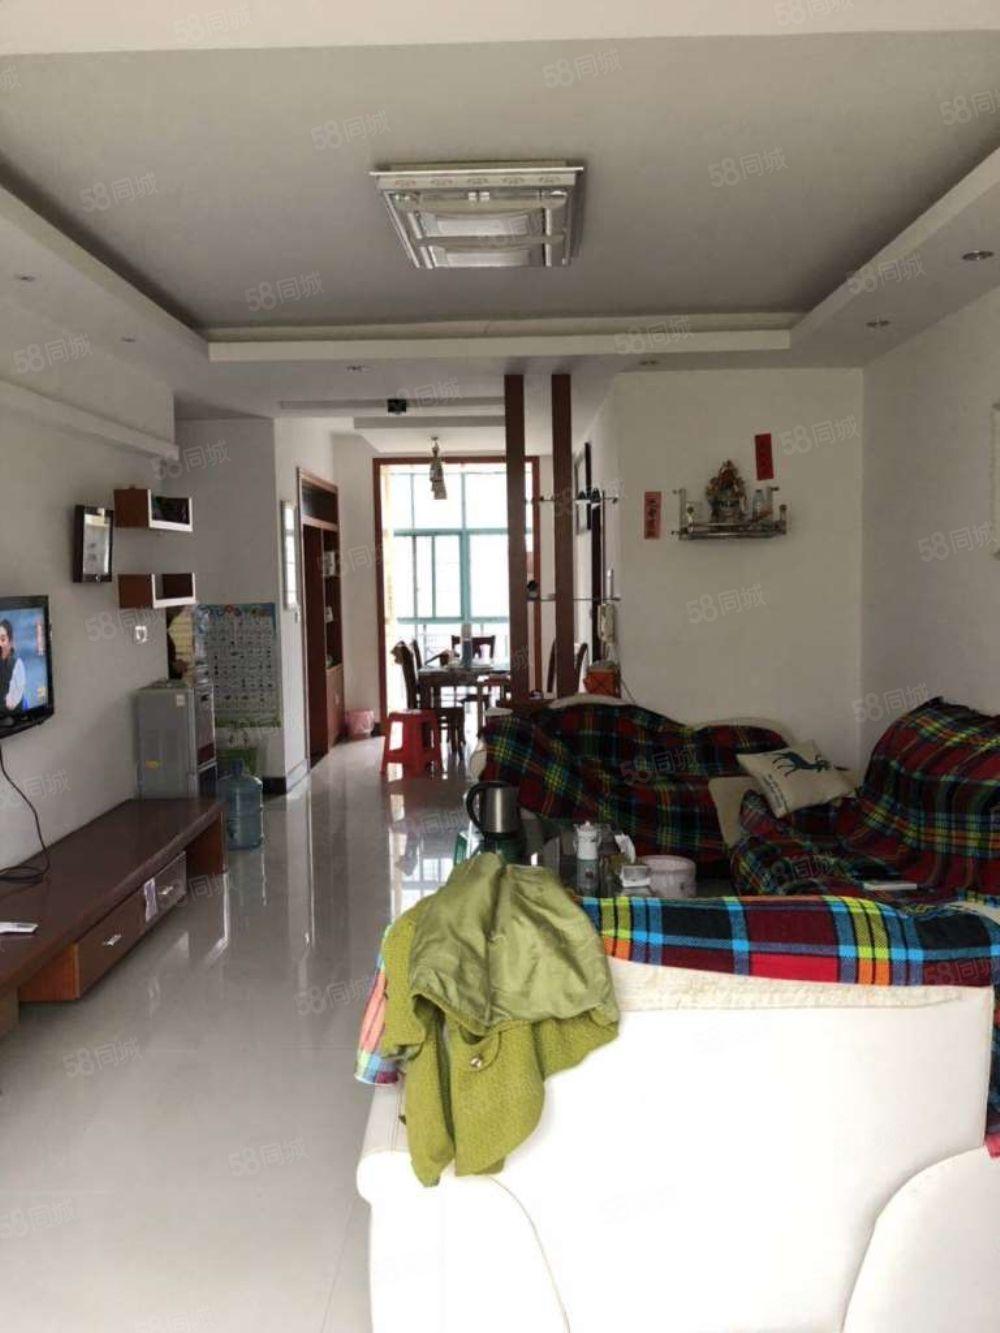 浅水湾小区环境好二房二厅一卫精装修拎包入住